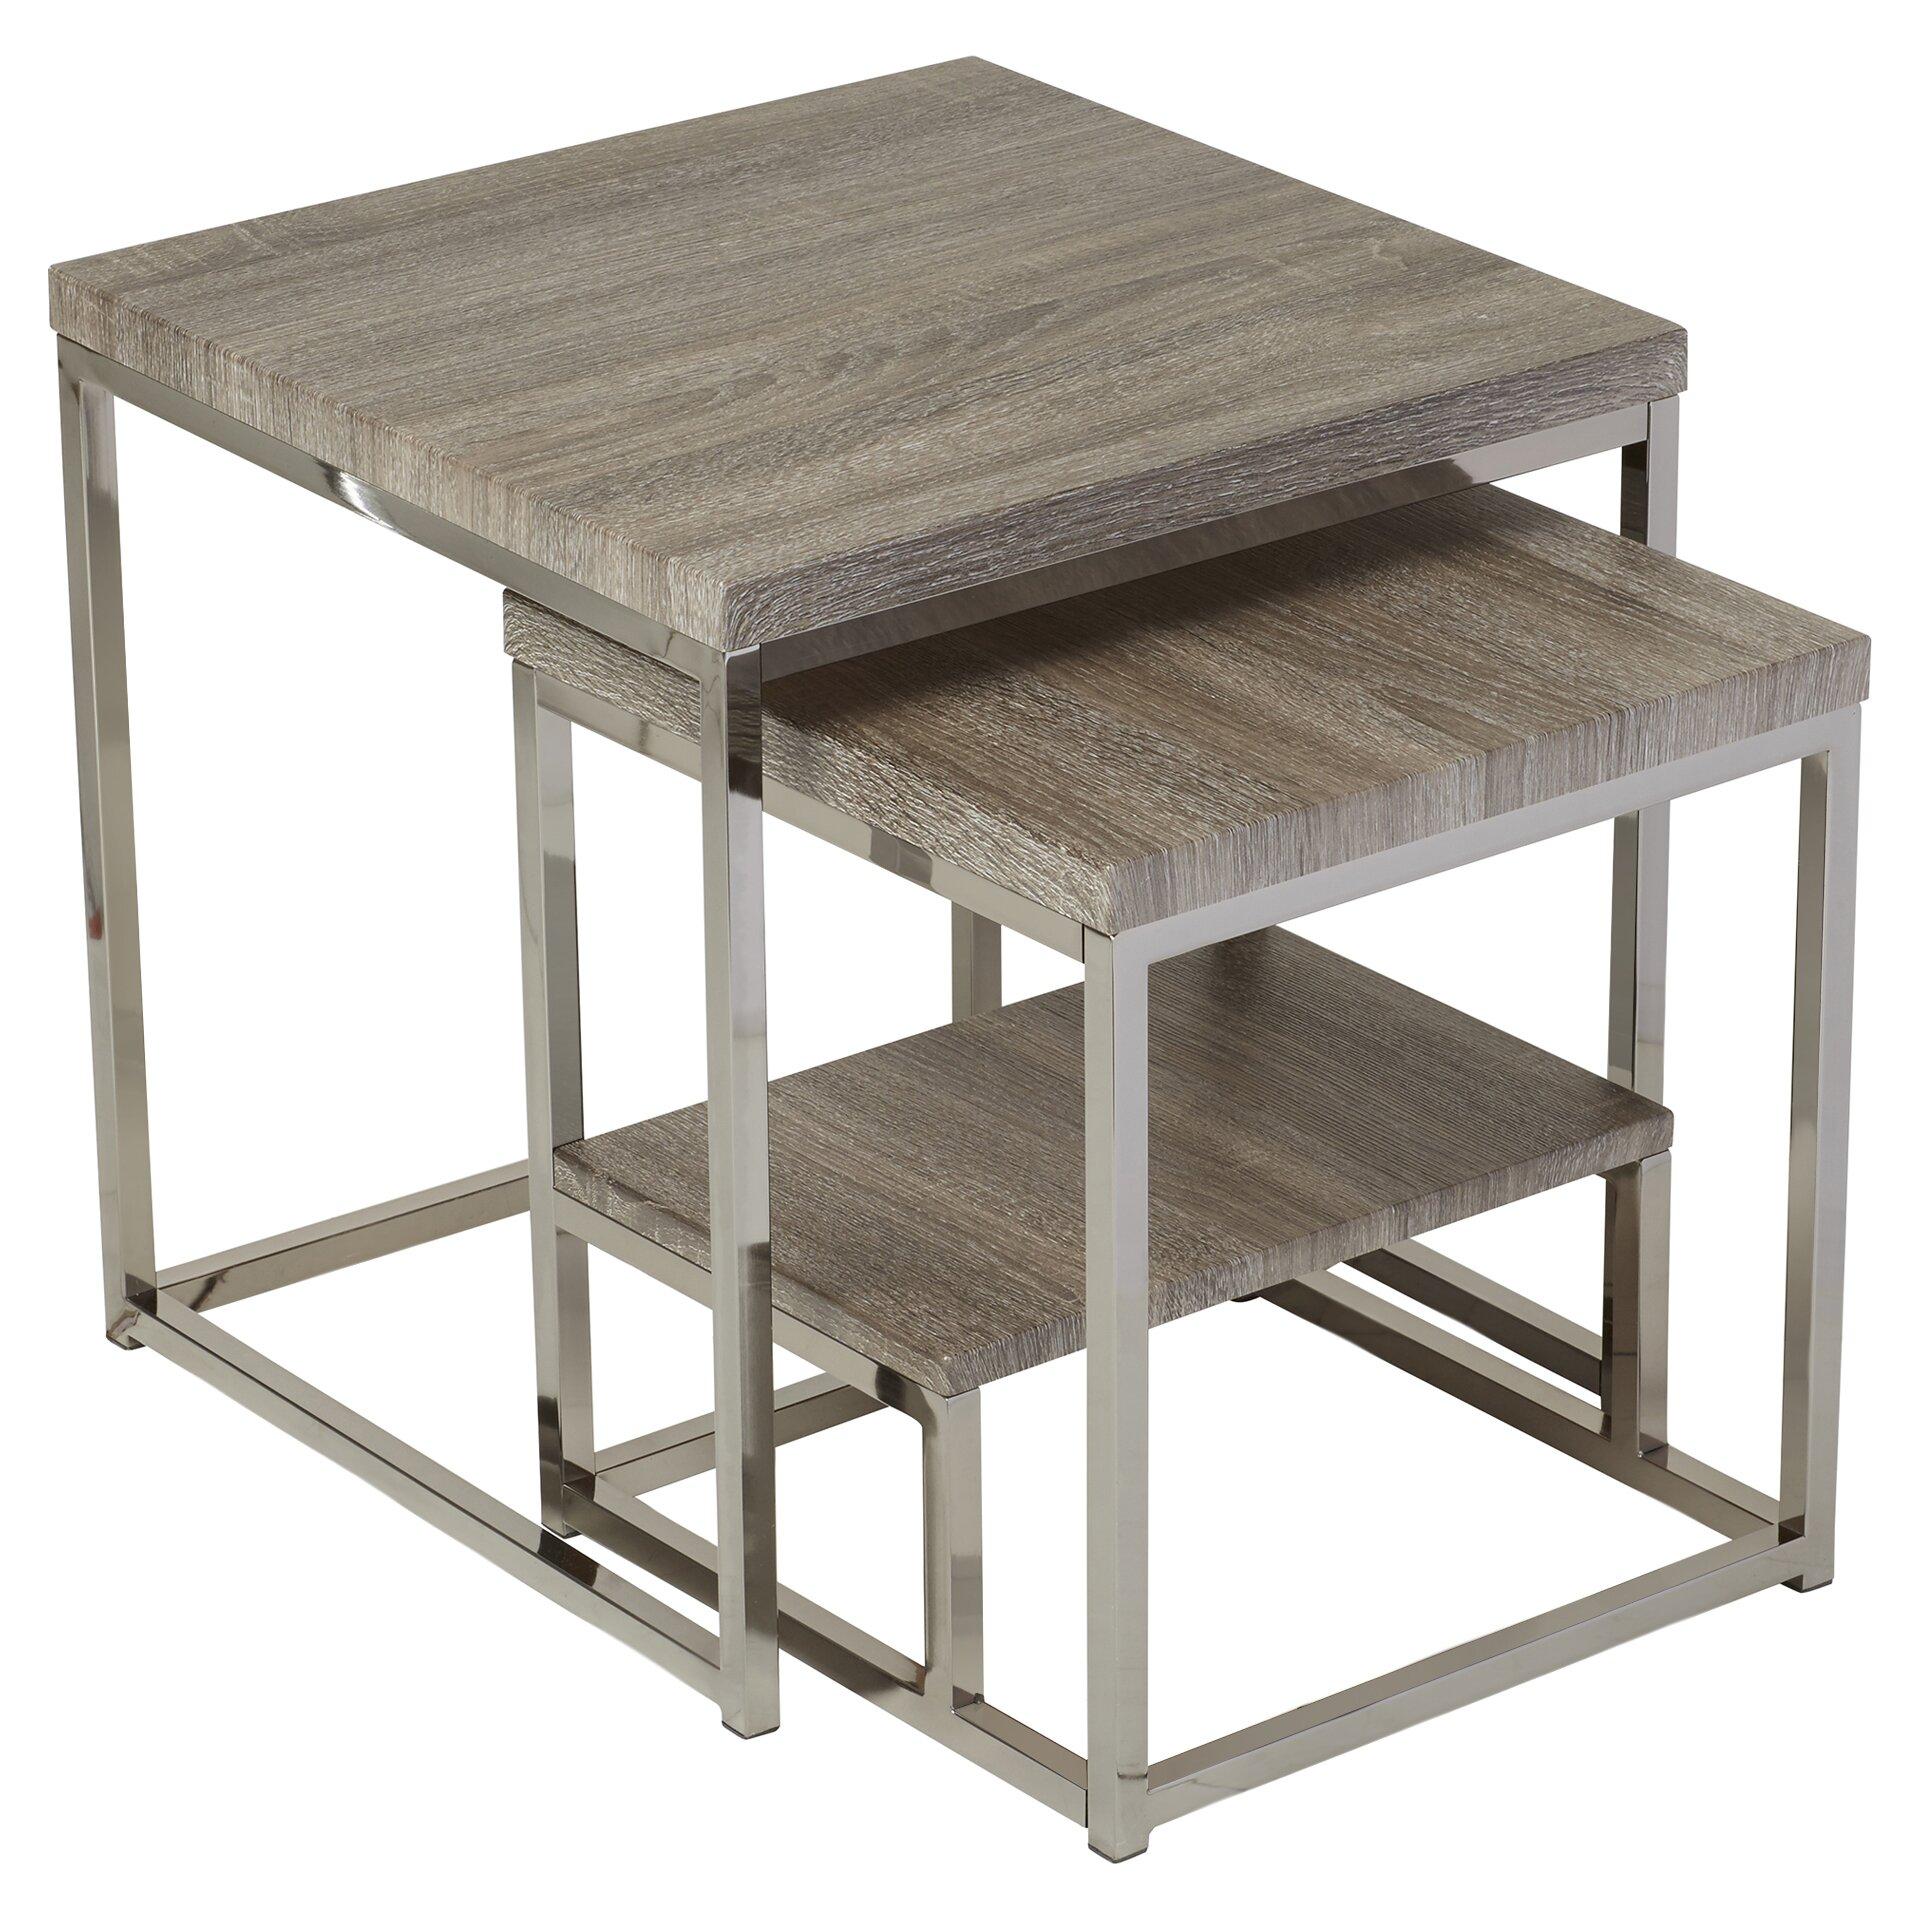 Mercury Row Philippos 2 Piece Nesting Table Set & Reviews | Wayfair